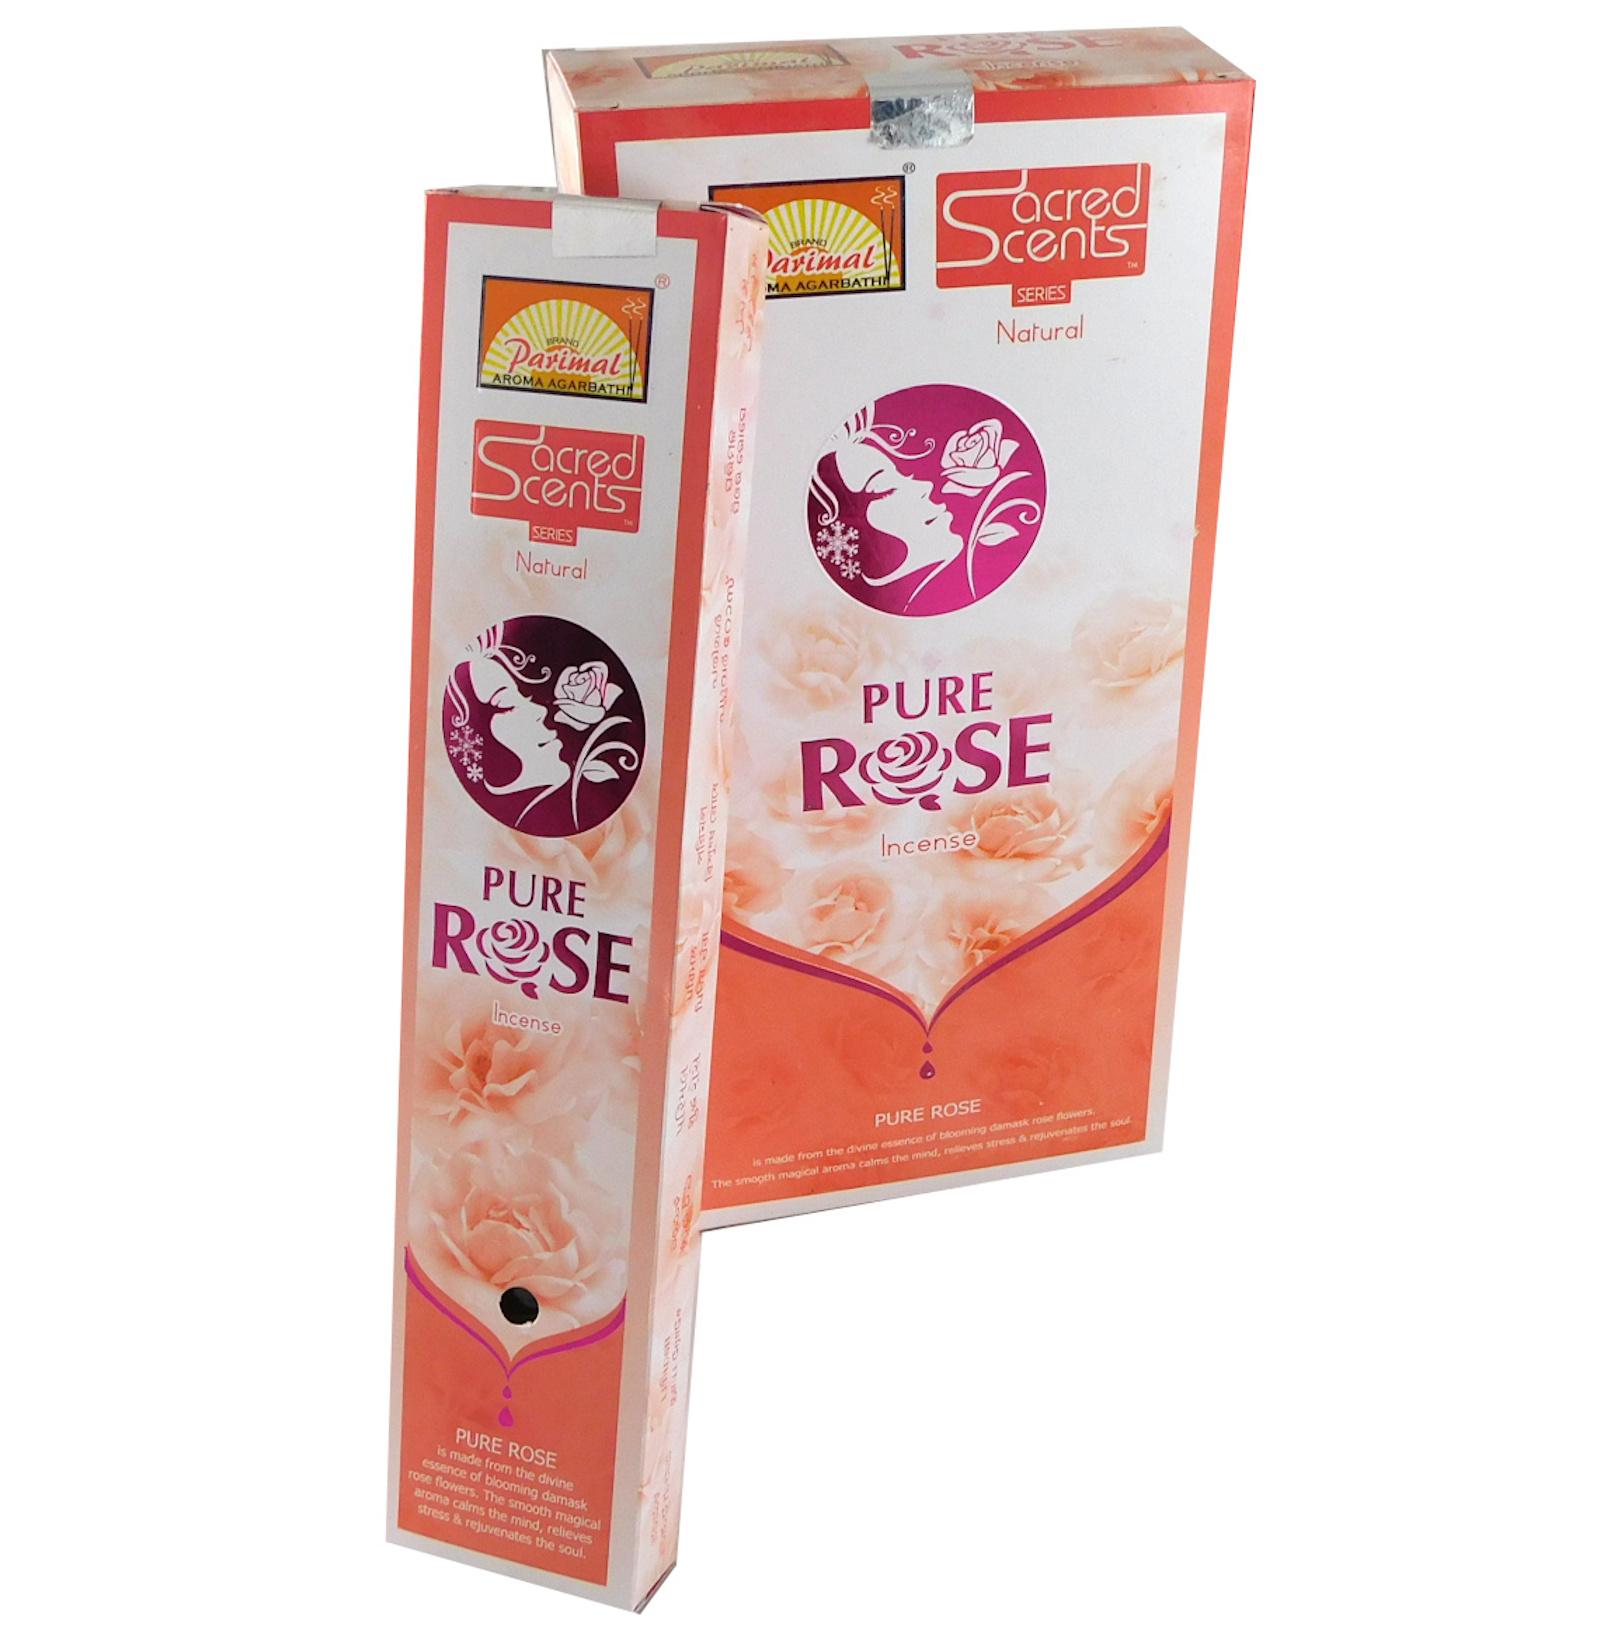 Räucherstäbchen Parimal Sacred Scents Pure Rose Premium Masala Sticks Box mit 6 Packungen